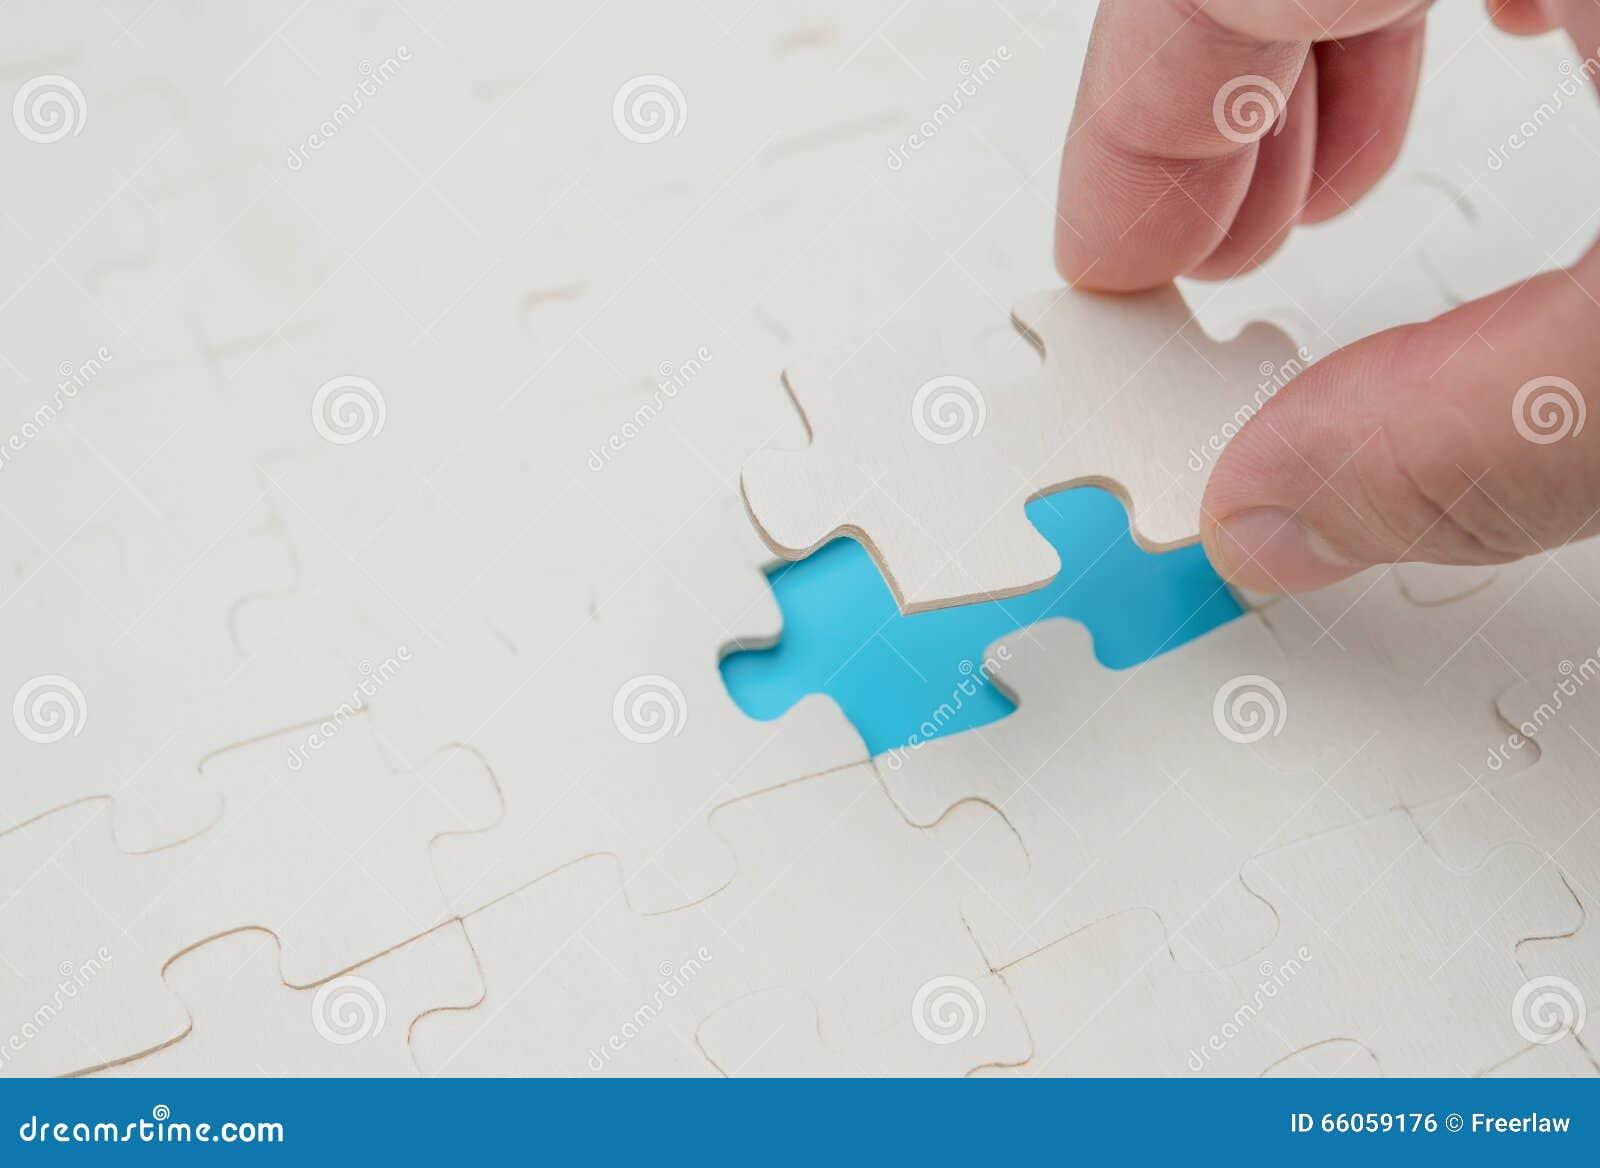 Avsluta det sista stycket av pusslet spela på blått